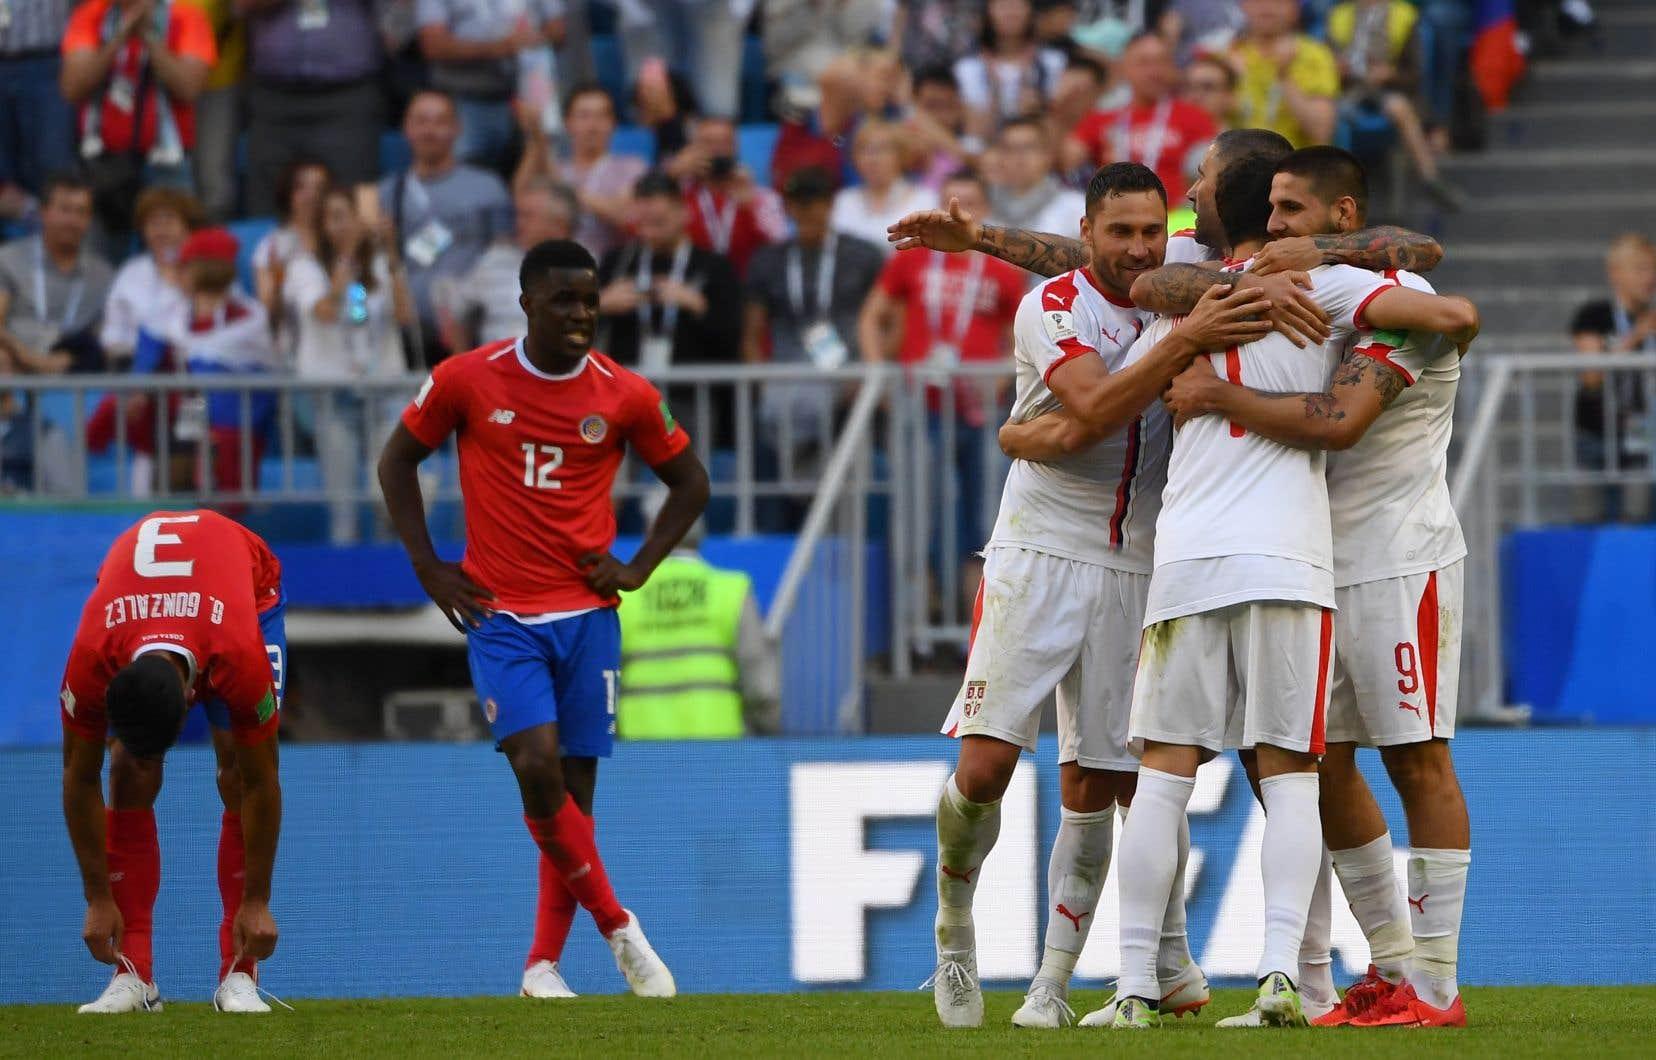 Les joueurs serbes célèbrent après avoir signé une victoire aux dépens du Costa Rica.